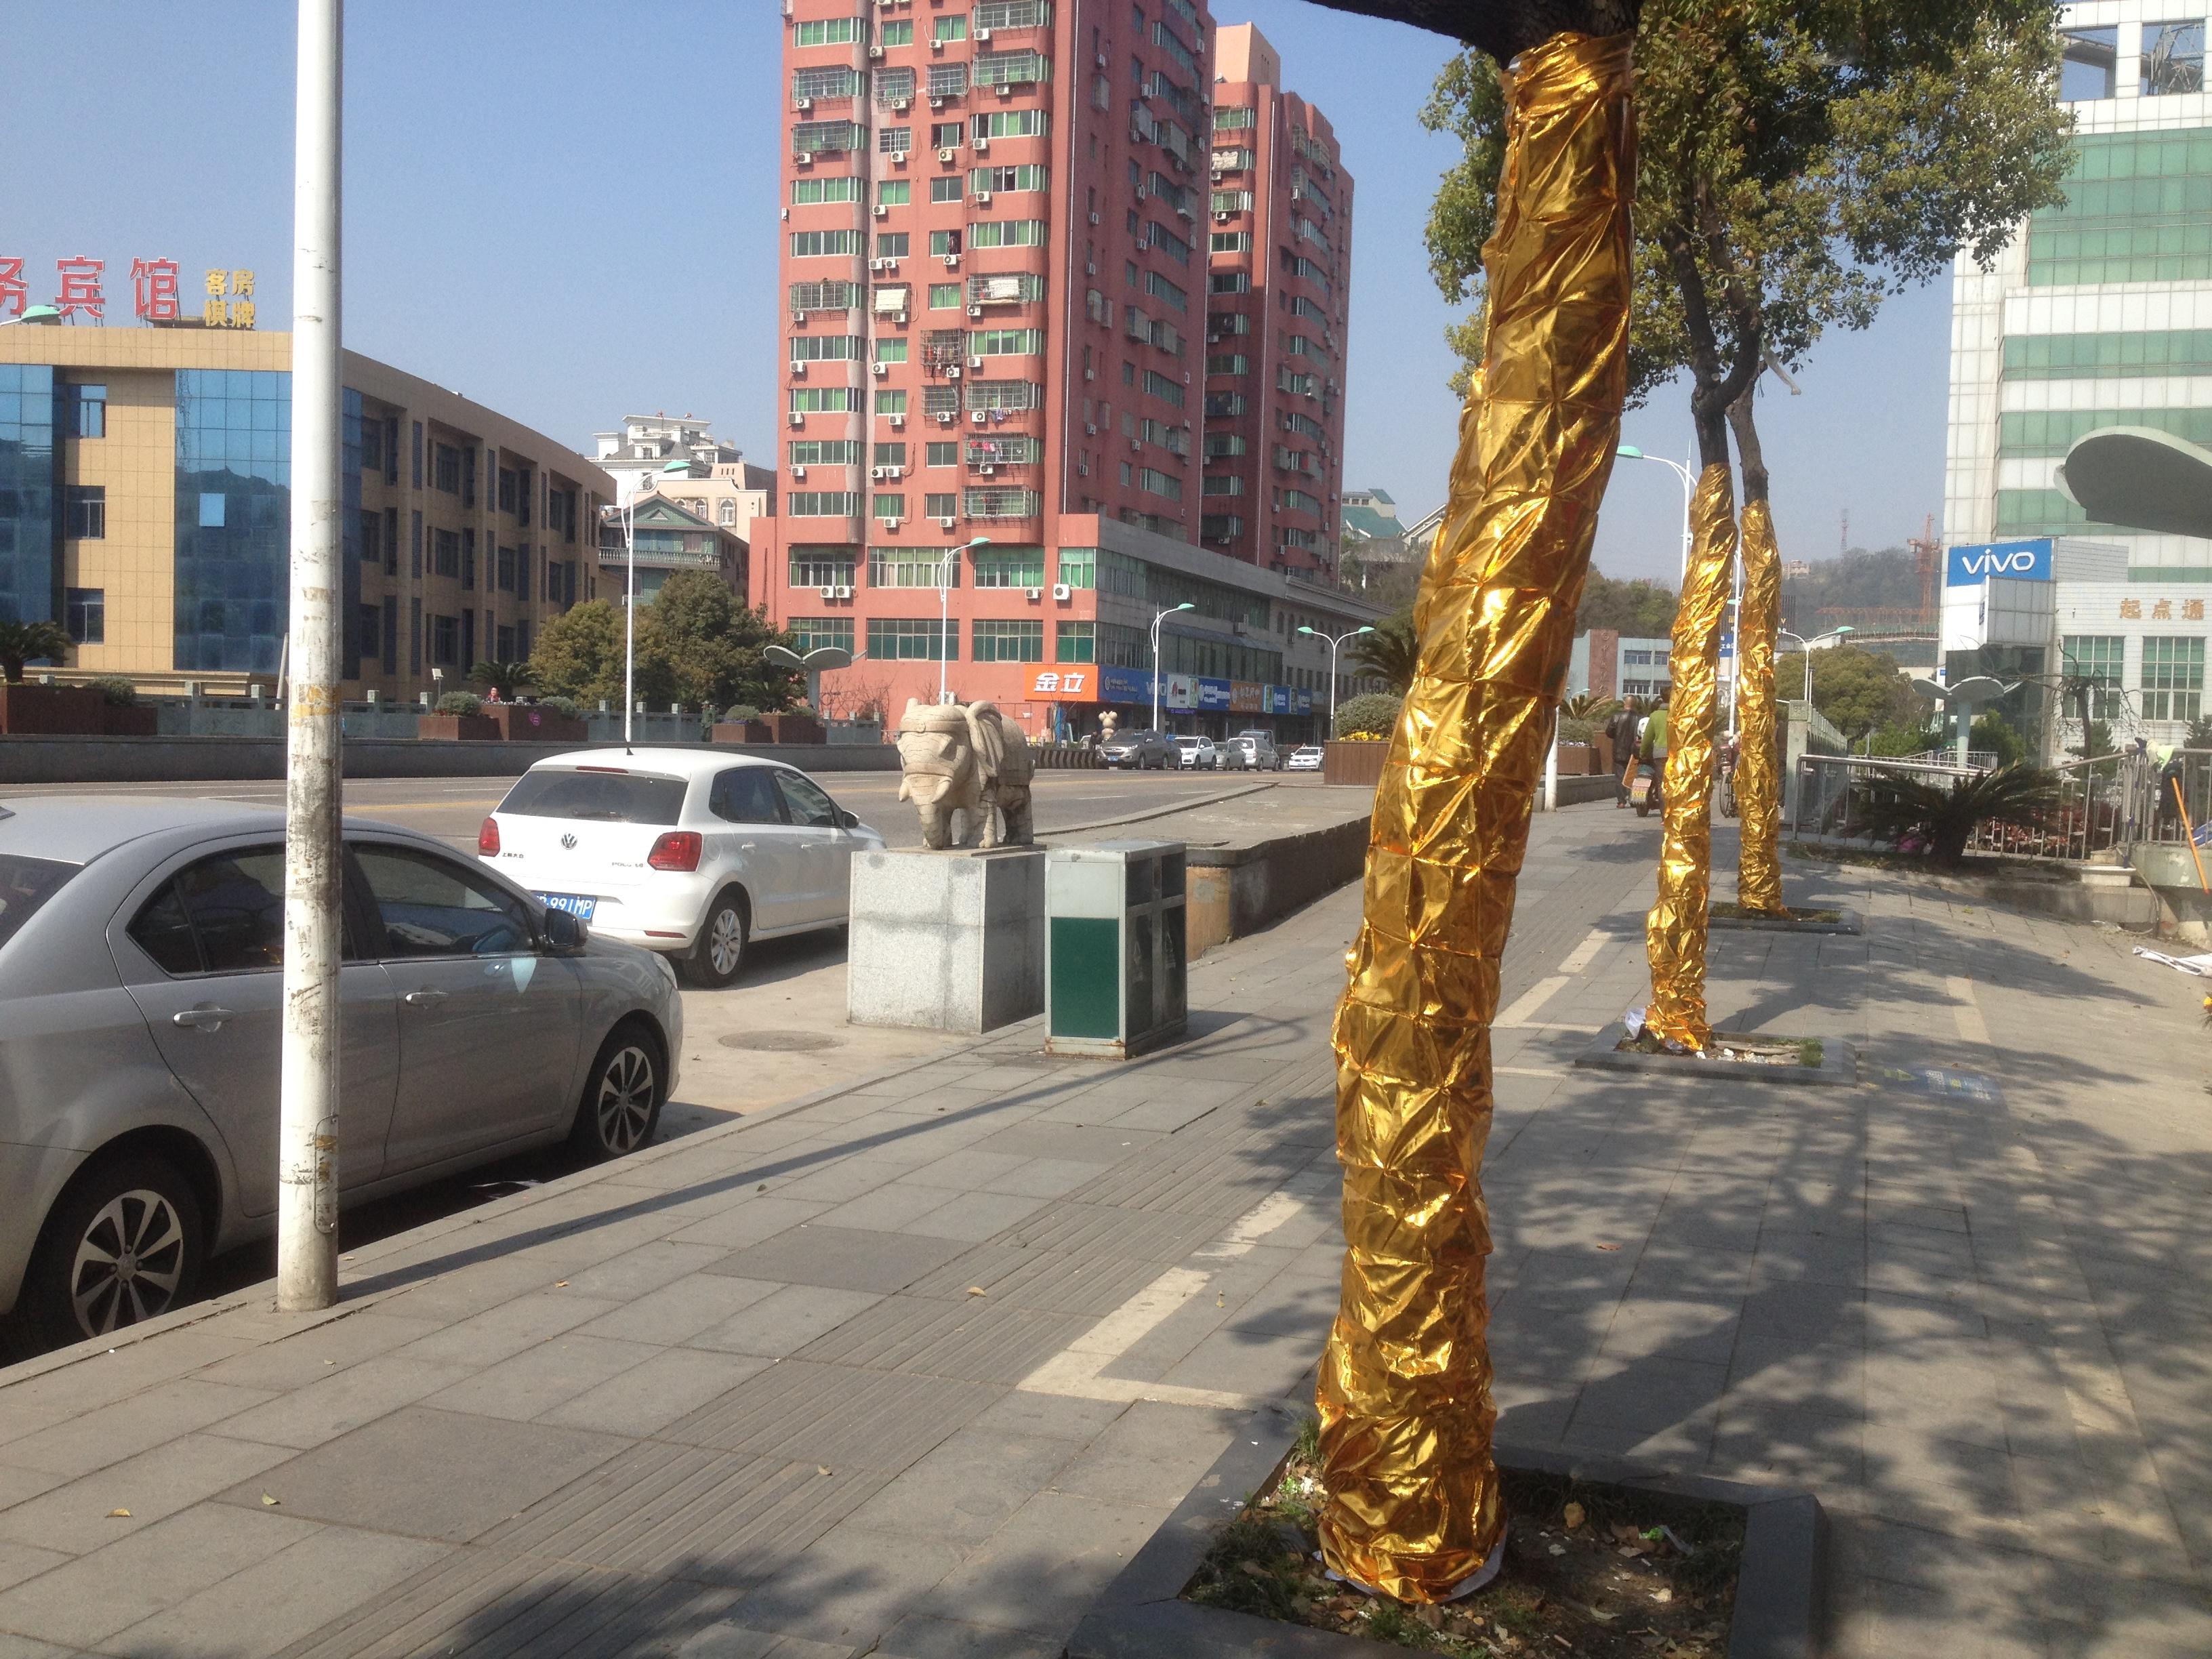 发现桥边的行道树被人用金色的装饰布进行了包裹,老远看去十分醒目.